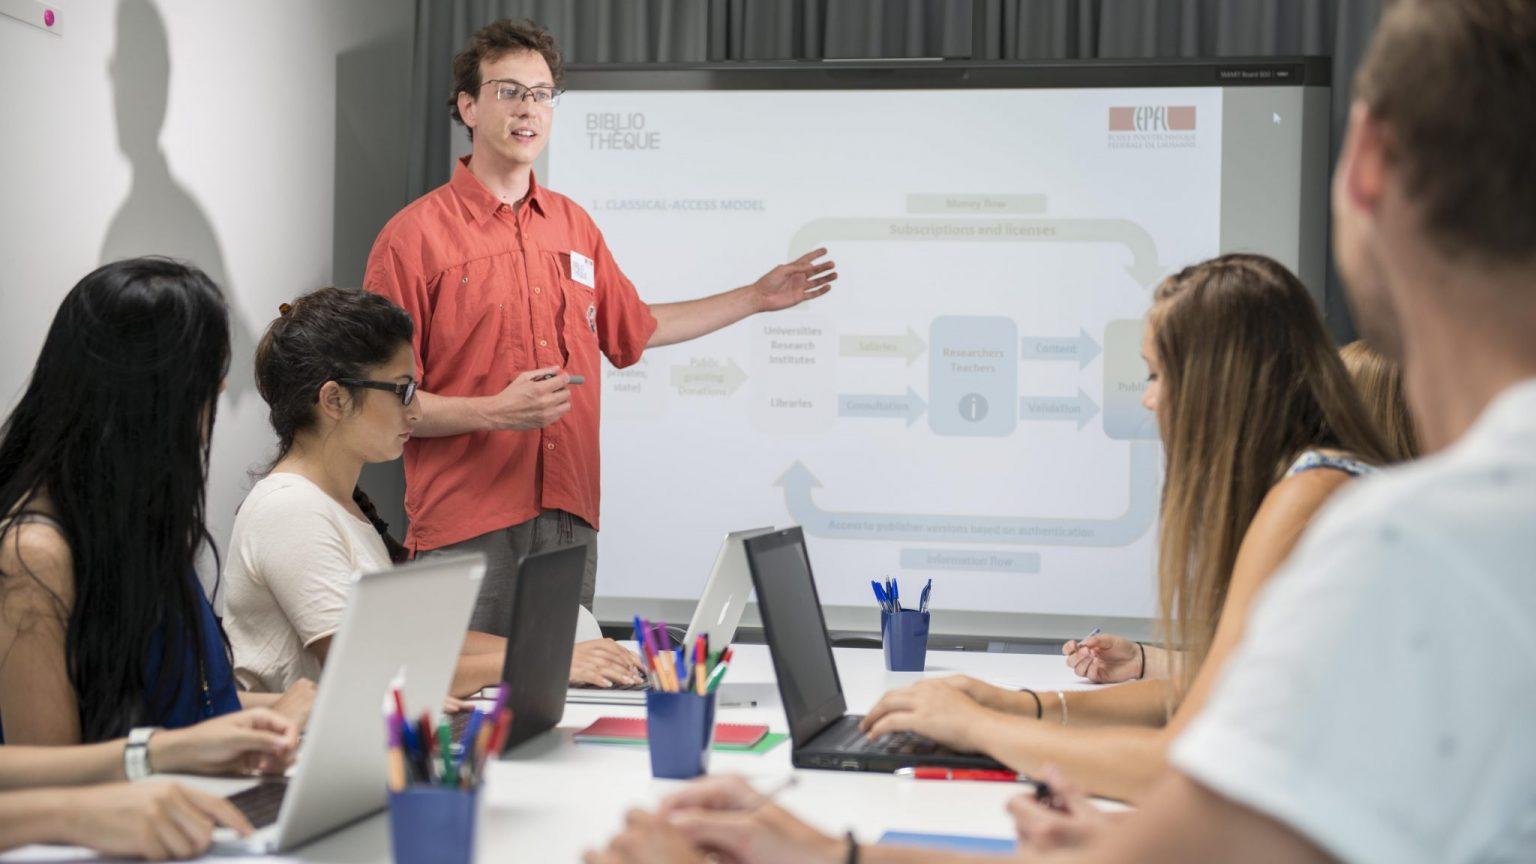 L'équipe de la Bibliothèque donne une formations aux étudiants de l'EPFL.